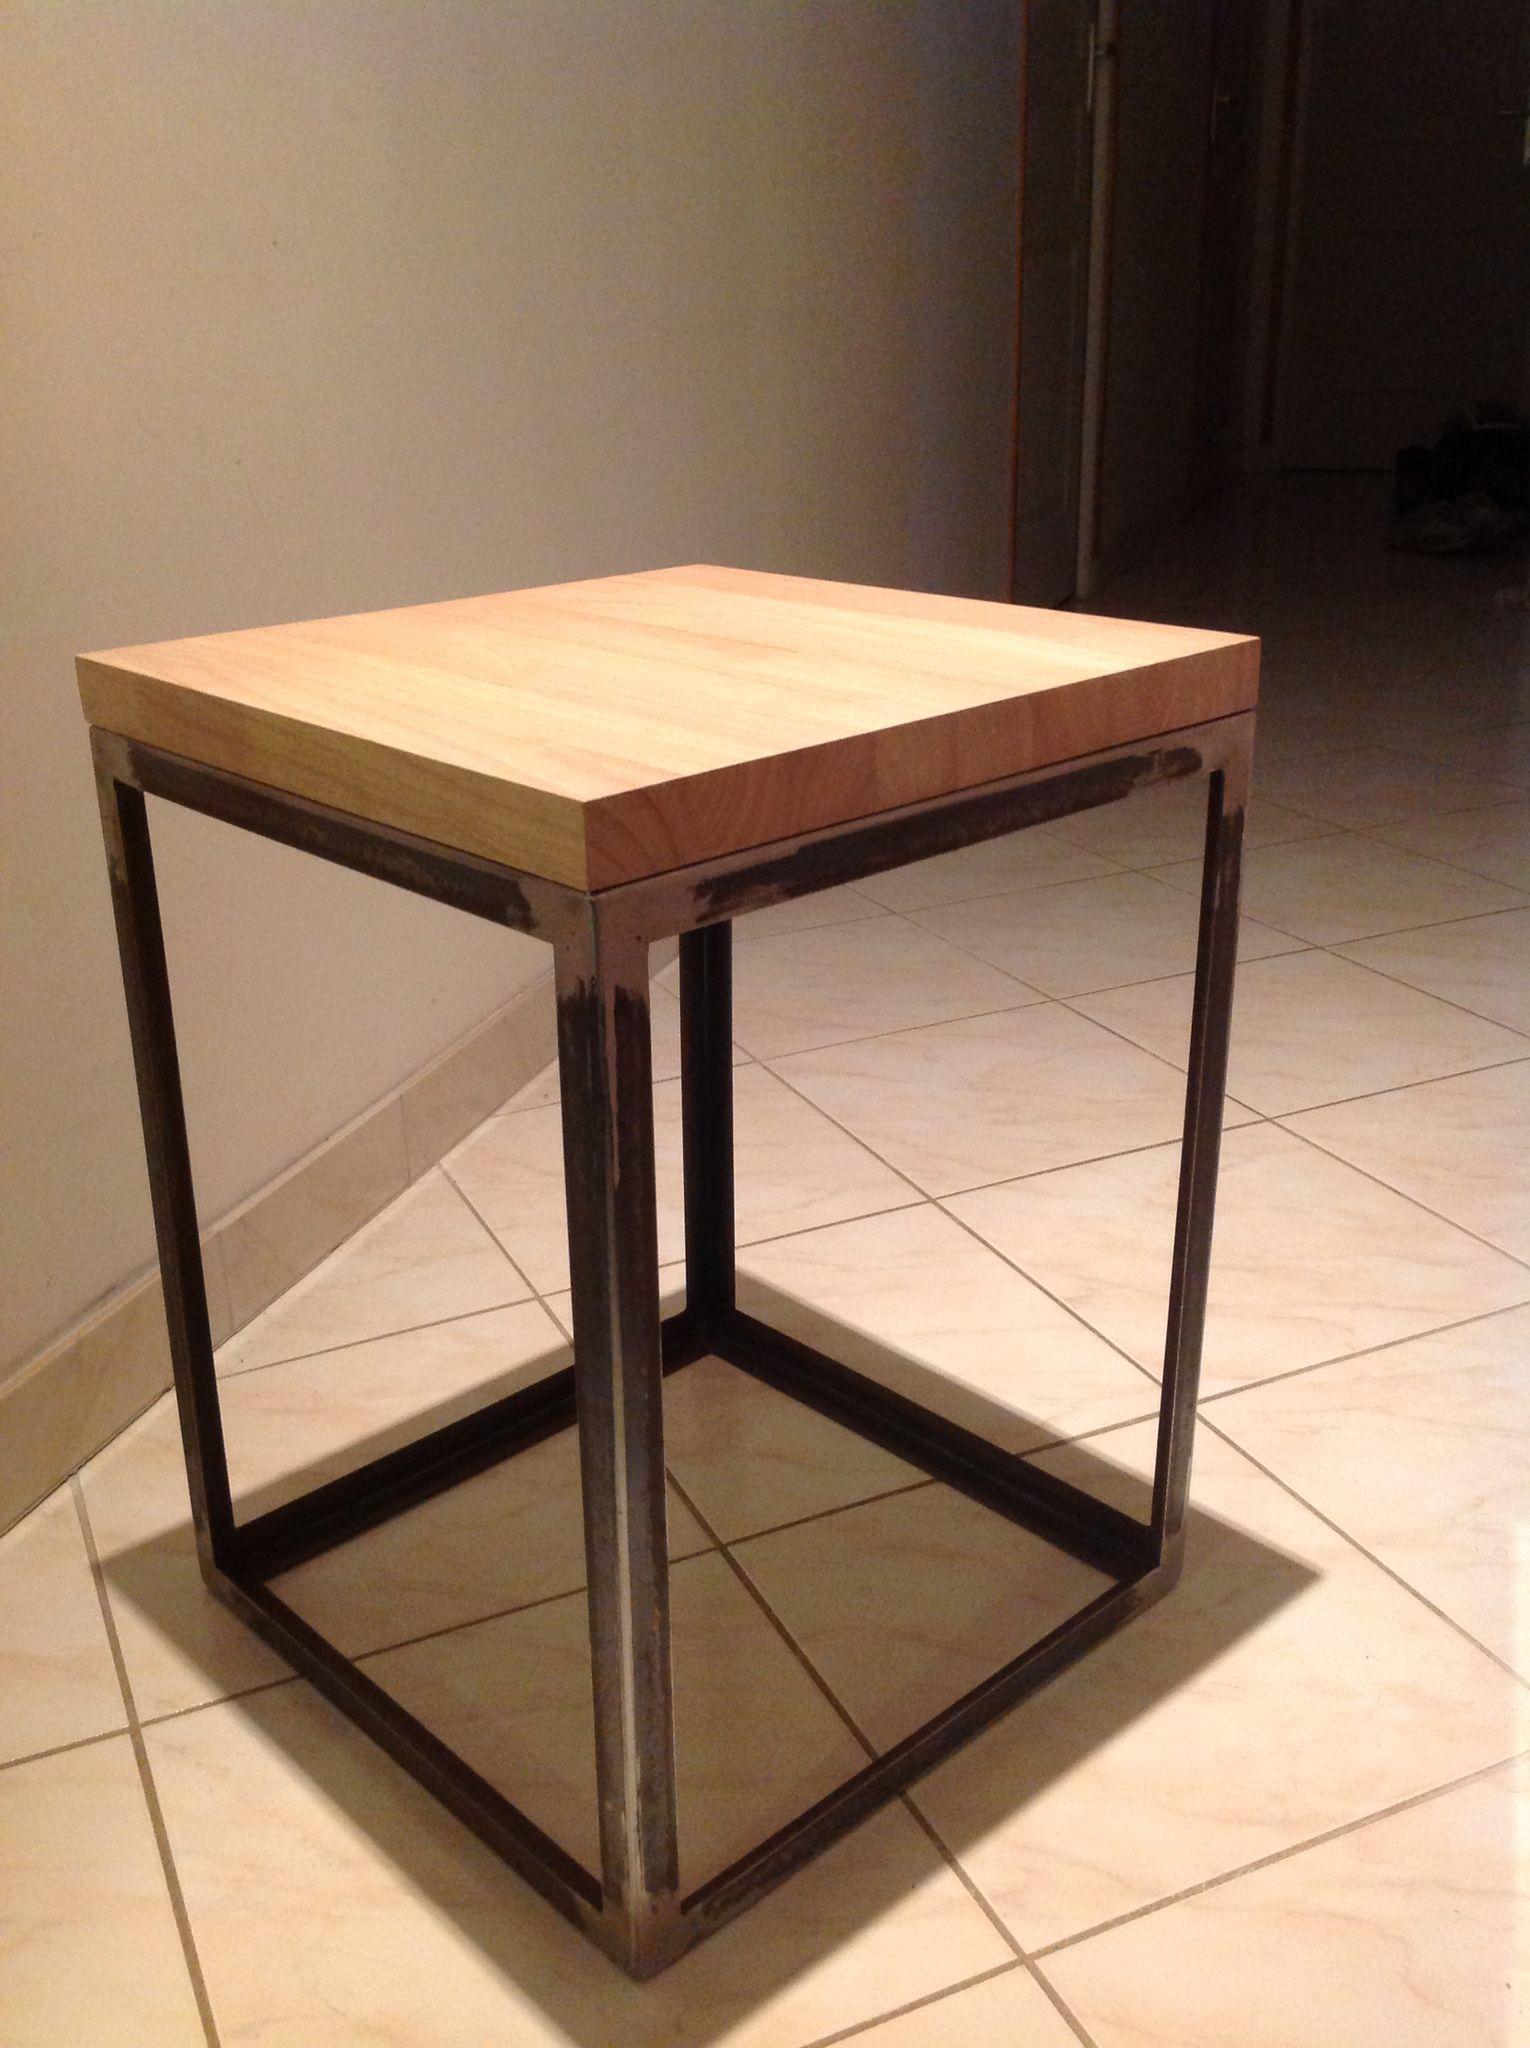 Table De Chevet Industriel table de chevet industriel | Светильники и декор ручной работы в